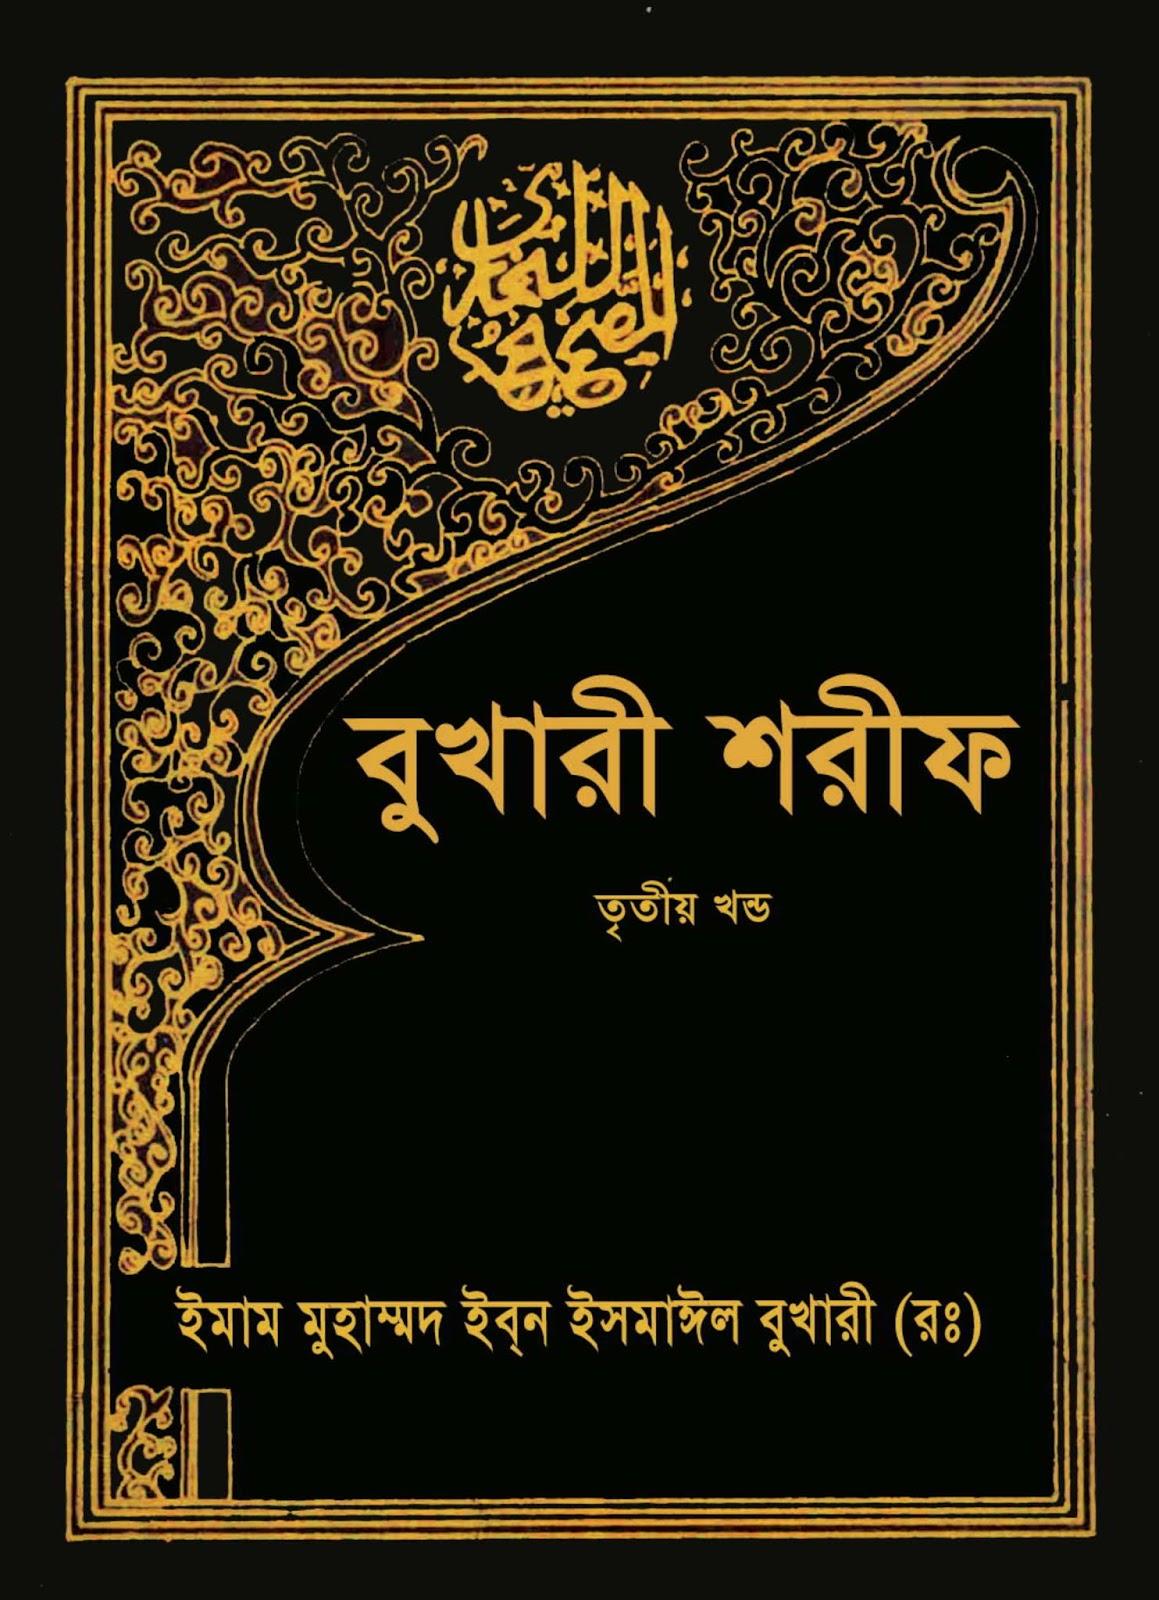 বোখারী শরীফ ৩য় খন্ড pdf | বোখারী শরীফ ফ্রিতে ডাউনলোড করুন |bangla hadith | bangla hadis | hadithbd | হাদিস